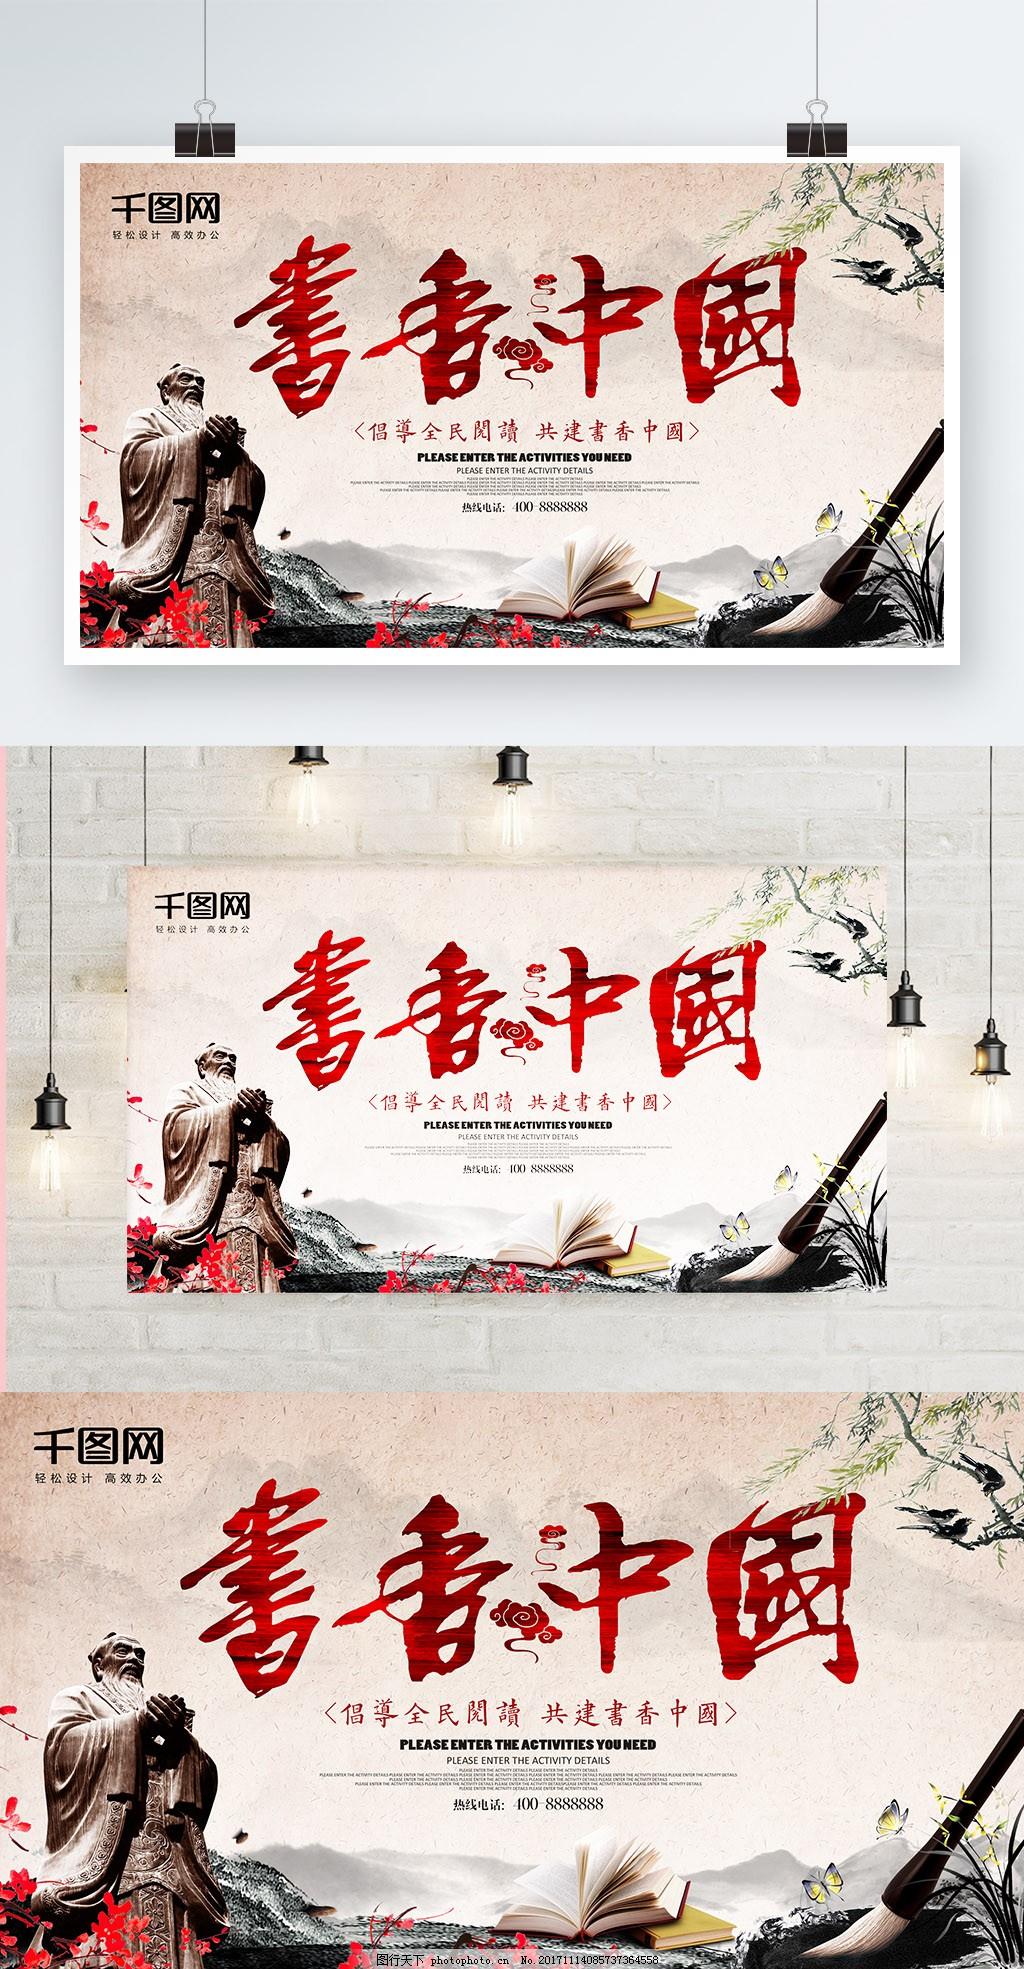 书香中国文化宣传海报 书香校园 校园读书会 书本 书香园地 看书